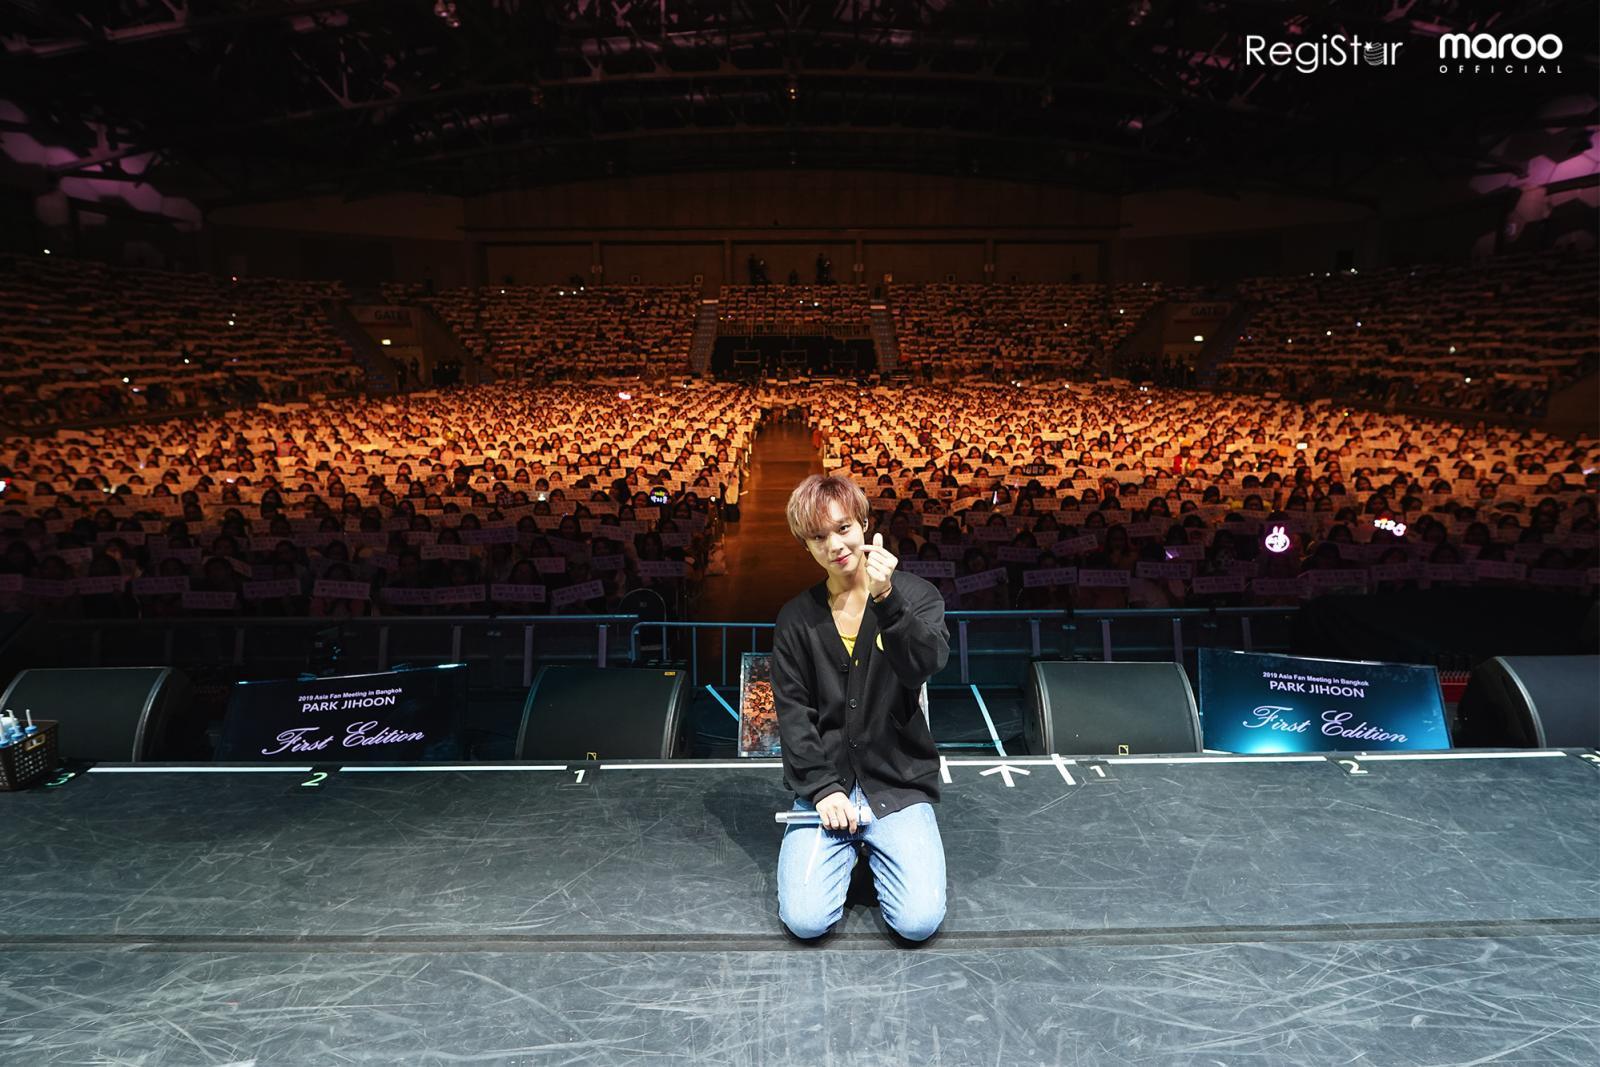 """บรรยากาศสุดประทับใจ แฟนมีตติ้งครั้งแรกในไทยของ """"พัค จีฮุน"""""""